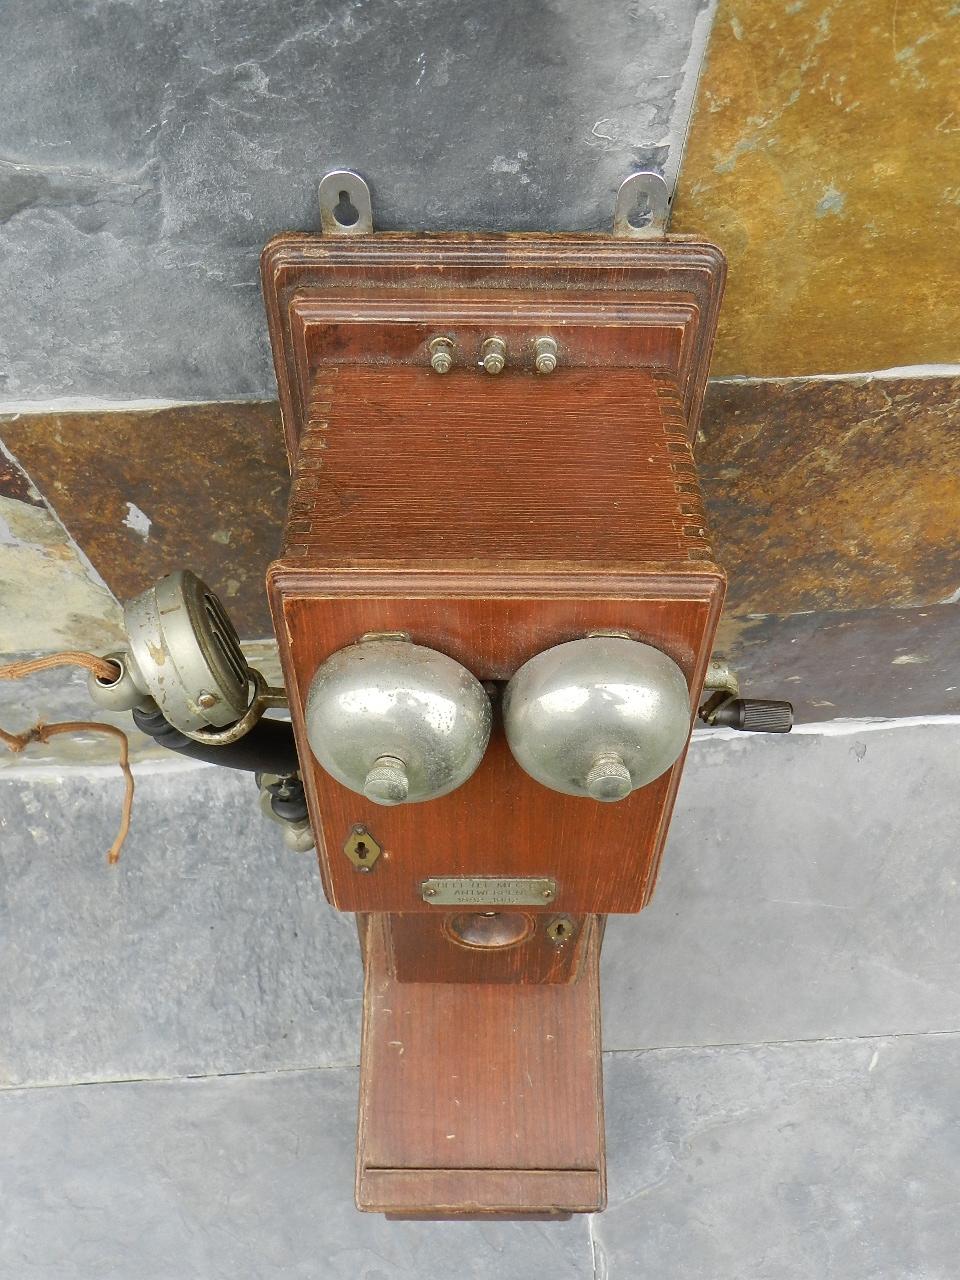 Imagen TELEFONO DE PARED AÑO 1920 34805